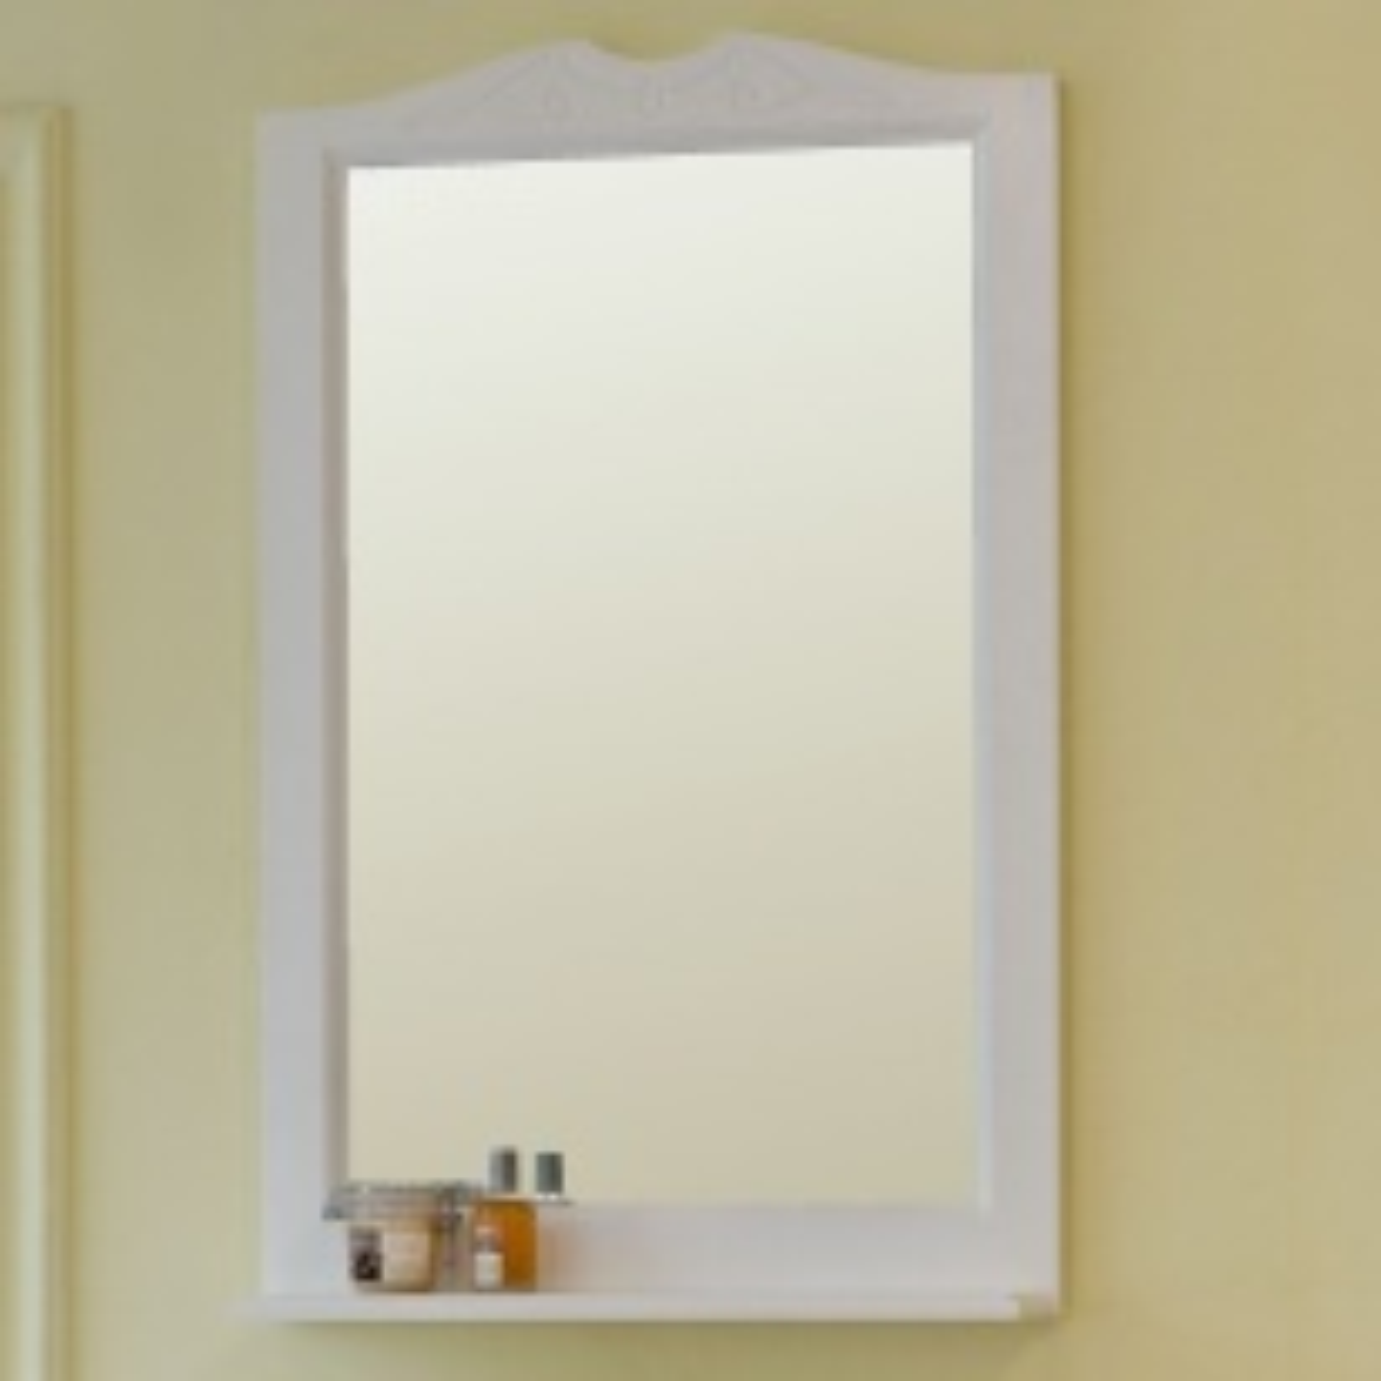 Зеркало Аллигатор МИЛАНА 1-65, цвет белый, 65*99,5*14 см